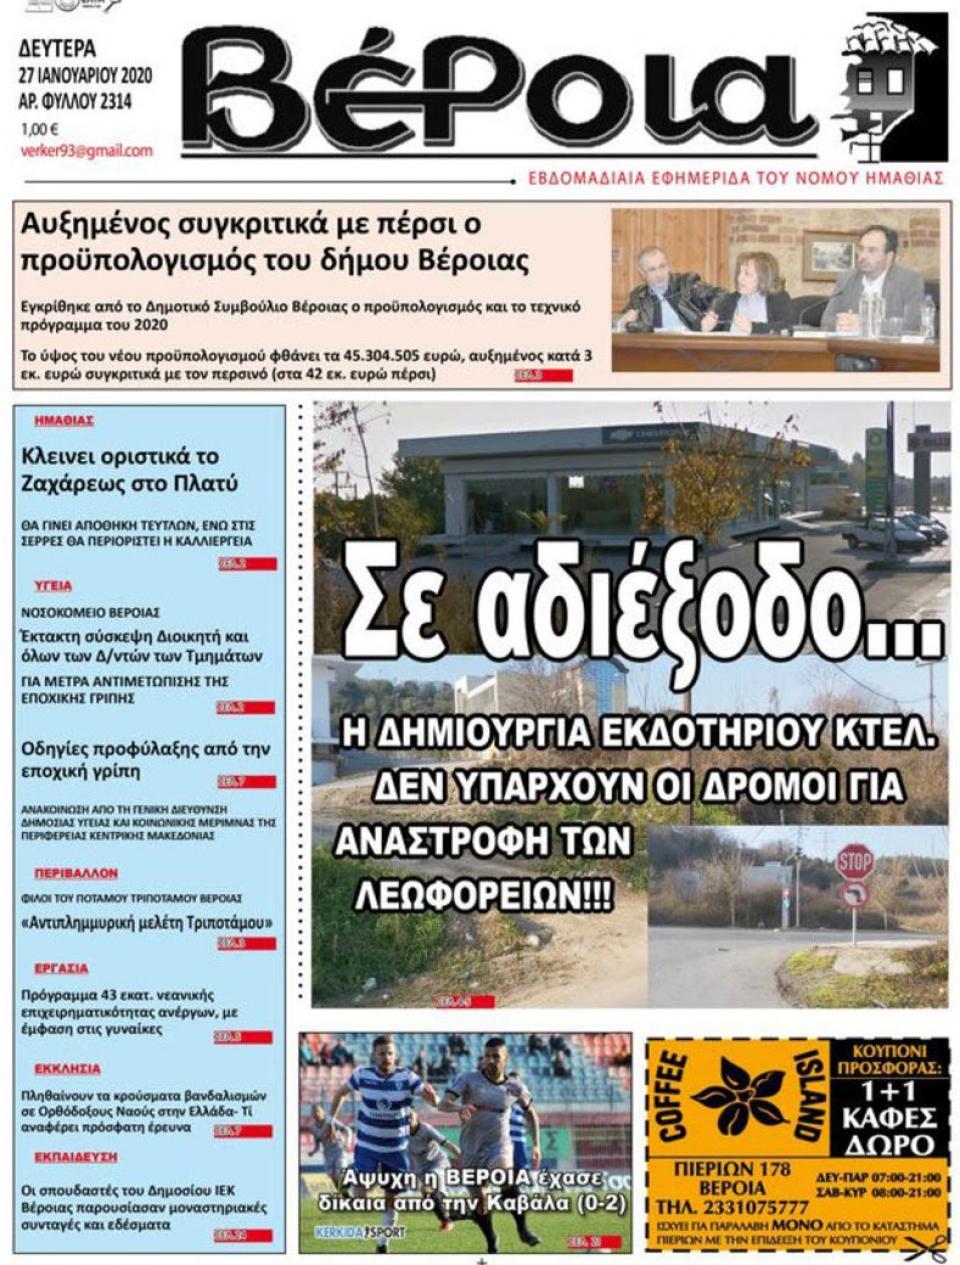 """ΔΙΑΒΑΣΤΕ ΣΤΗ """"ΒΕΡΟΙΑ"""" ΤΗΣ ΔΕΥΤΕΡΑΣ 27/01/2020"""